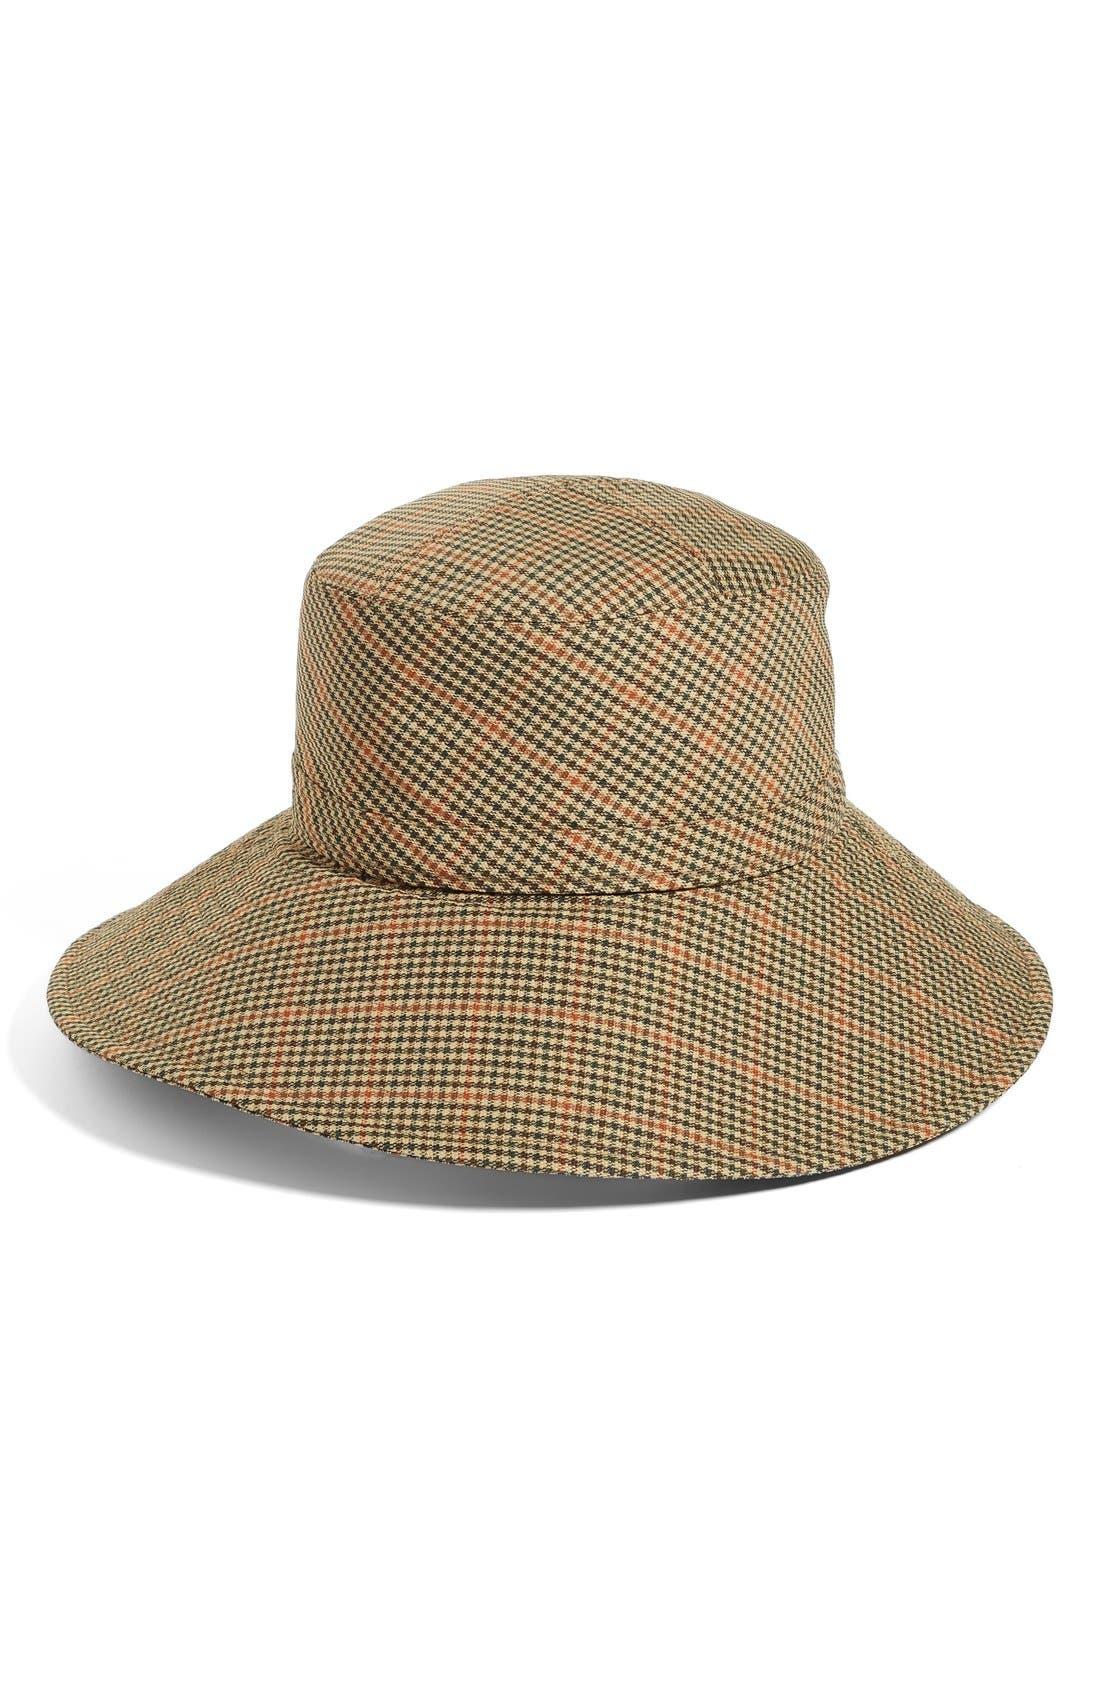 Water Repellent Nylon Rain Hat,                         Main,                         color, Tan Check